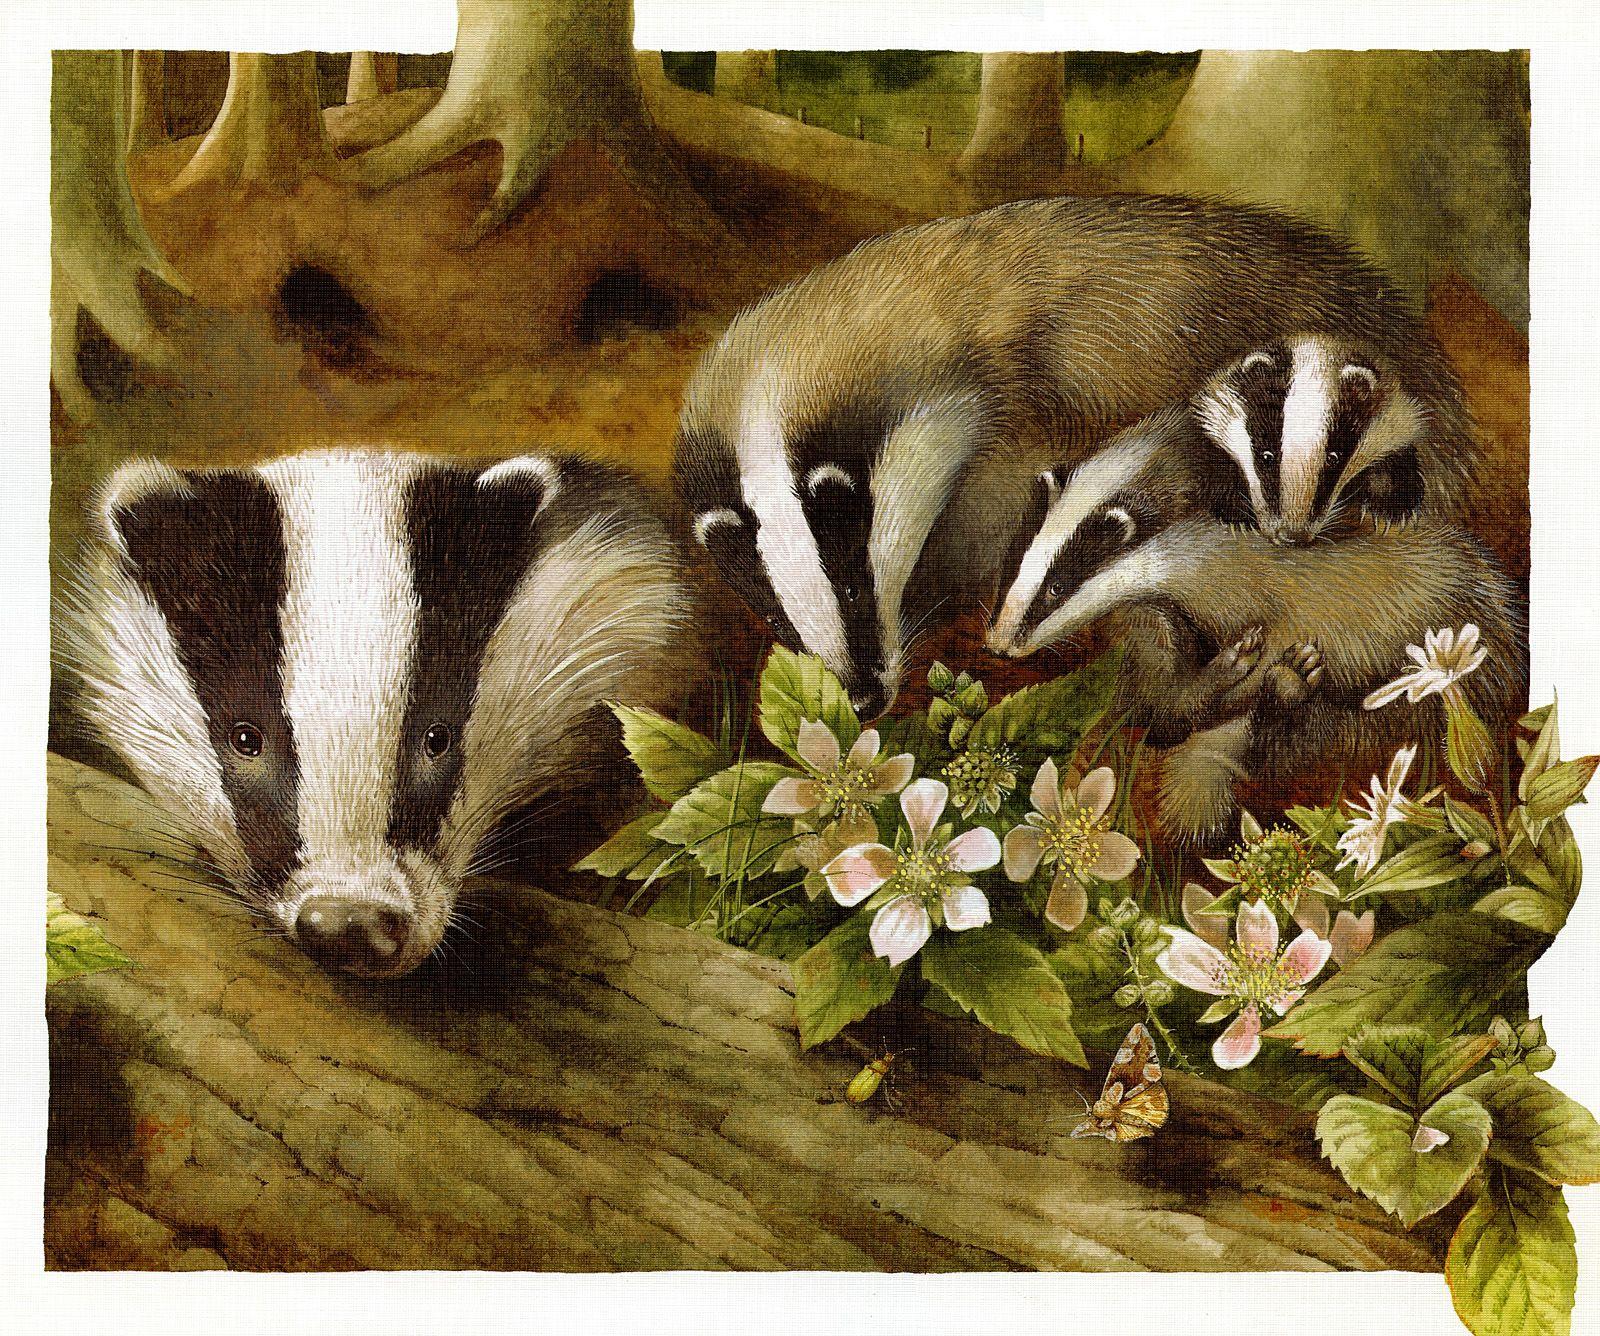 Badgers - May 2012